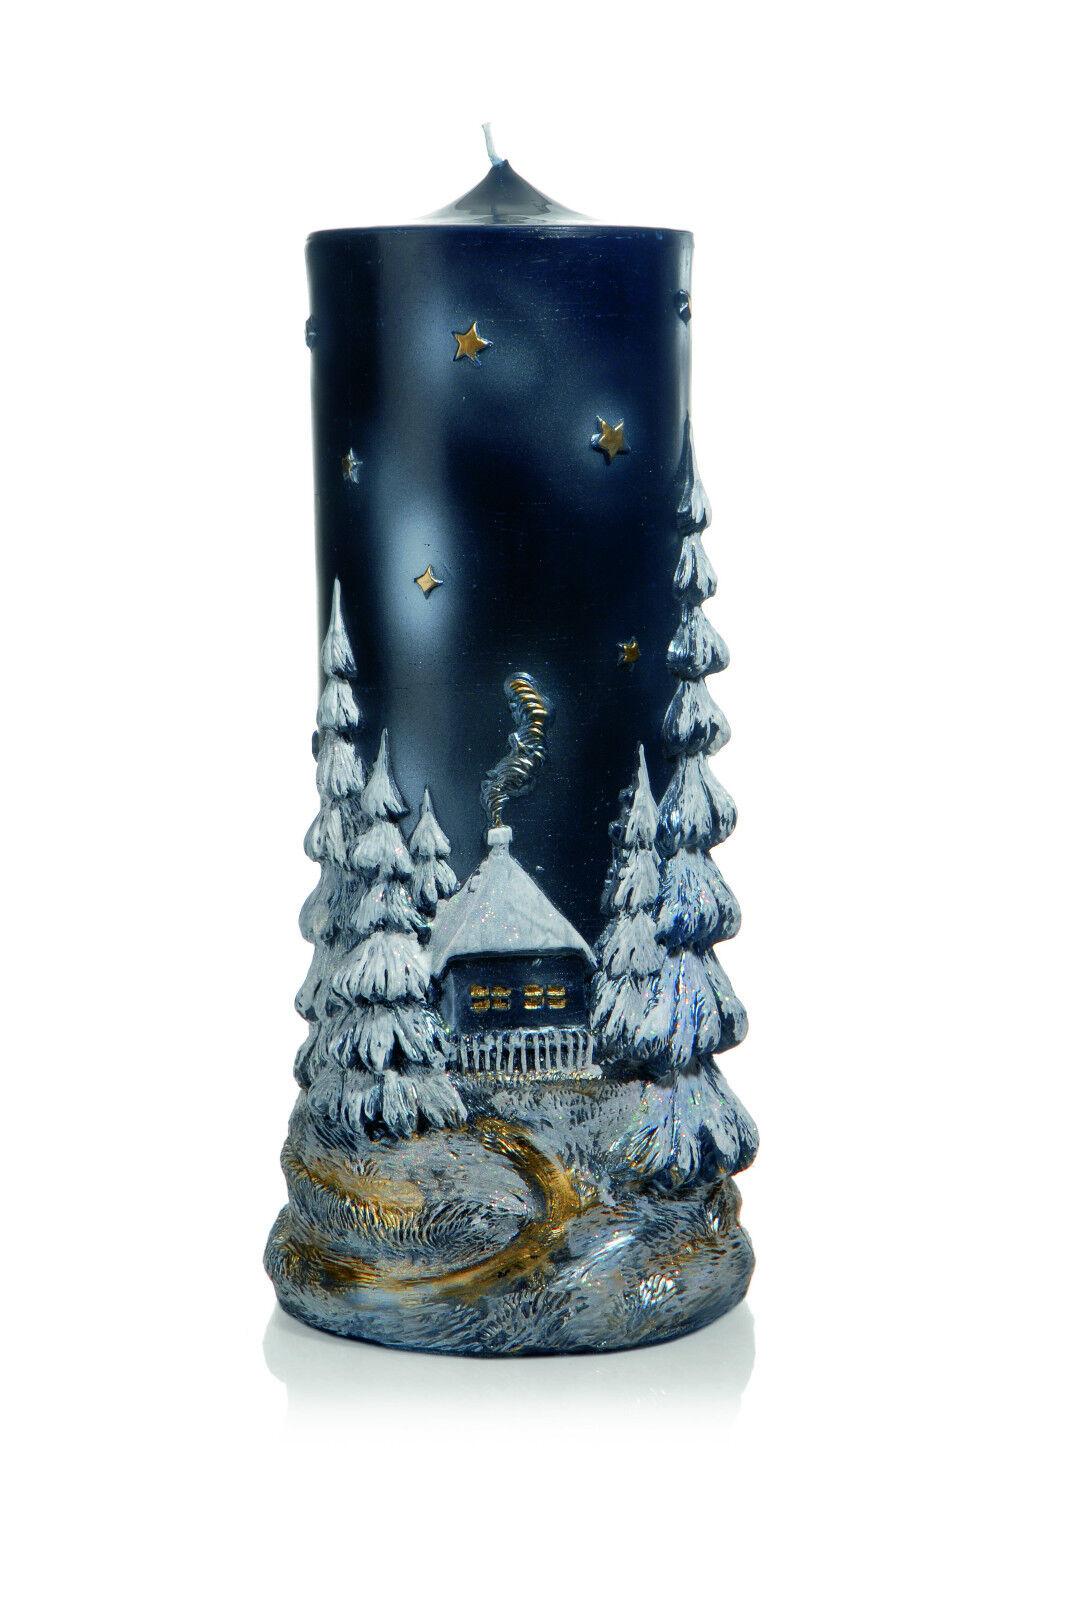 Weihnachtskerze 35x15cm Blau Relief  Stille Nacht Nacht Nacht  Handarbeit Kerzen Wiedemann | Die Farbe ist sehr auffällig  2b782a